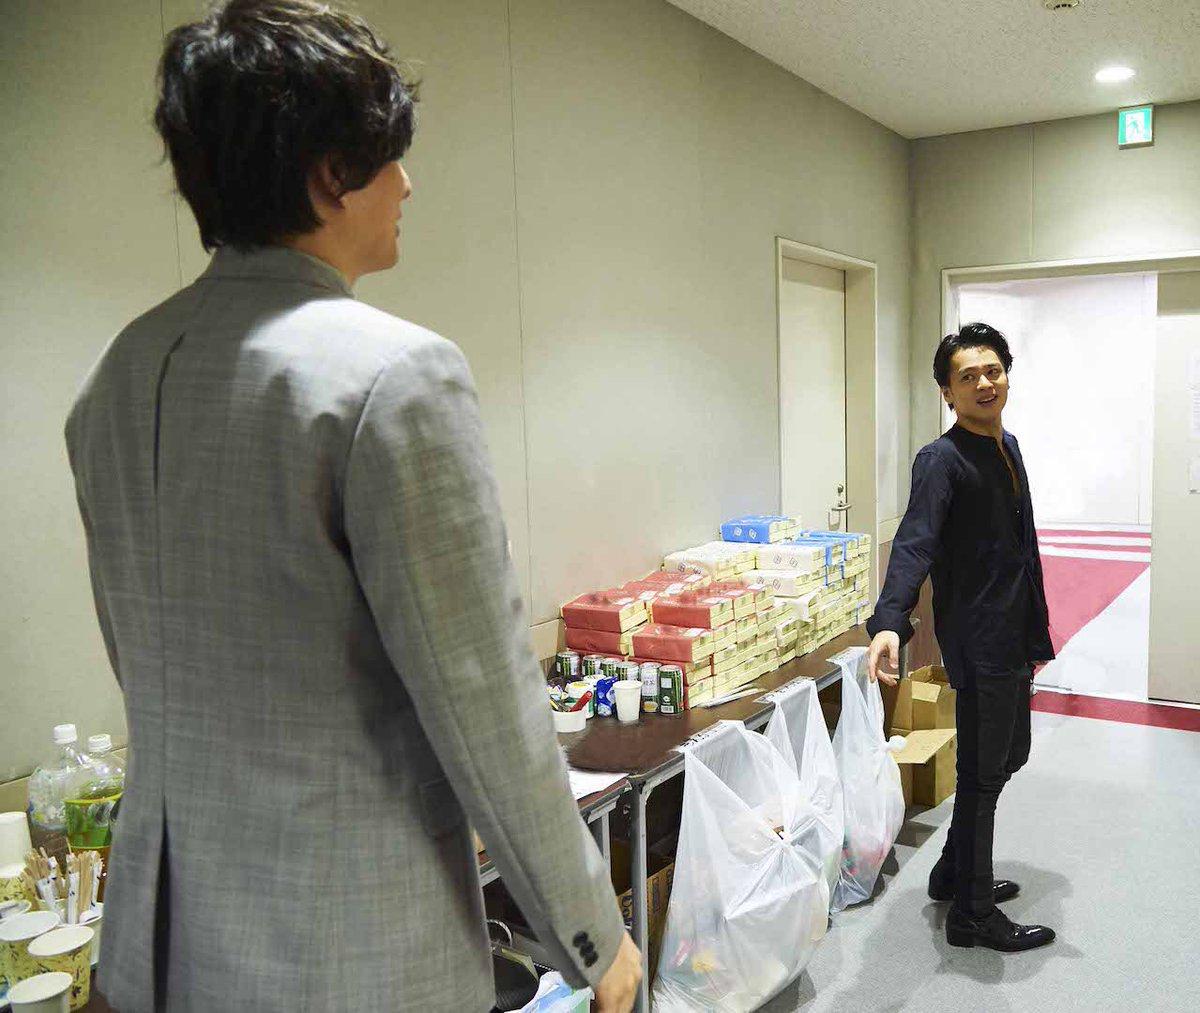 さらに収録時のオフショット これから収録の 城田優 さんへ「頑張ってね~!」と、収録終わりの 中川晃